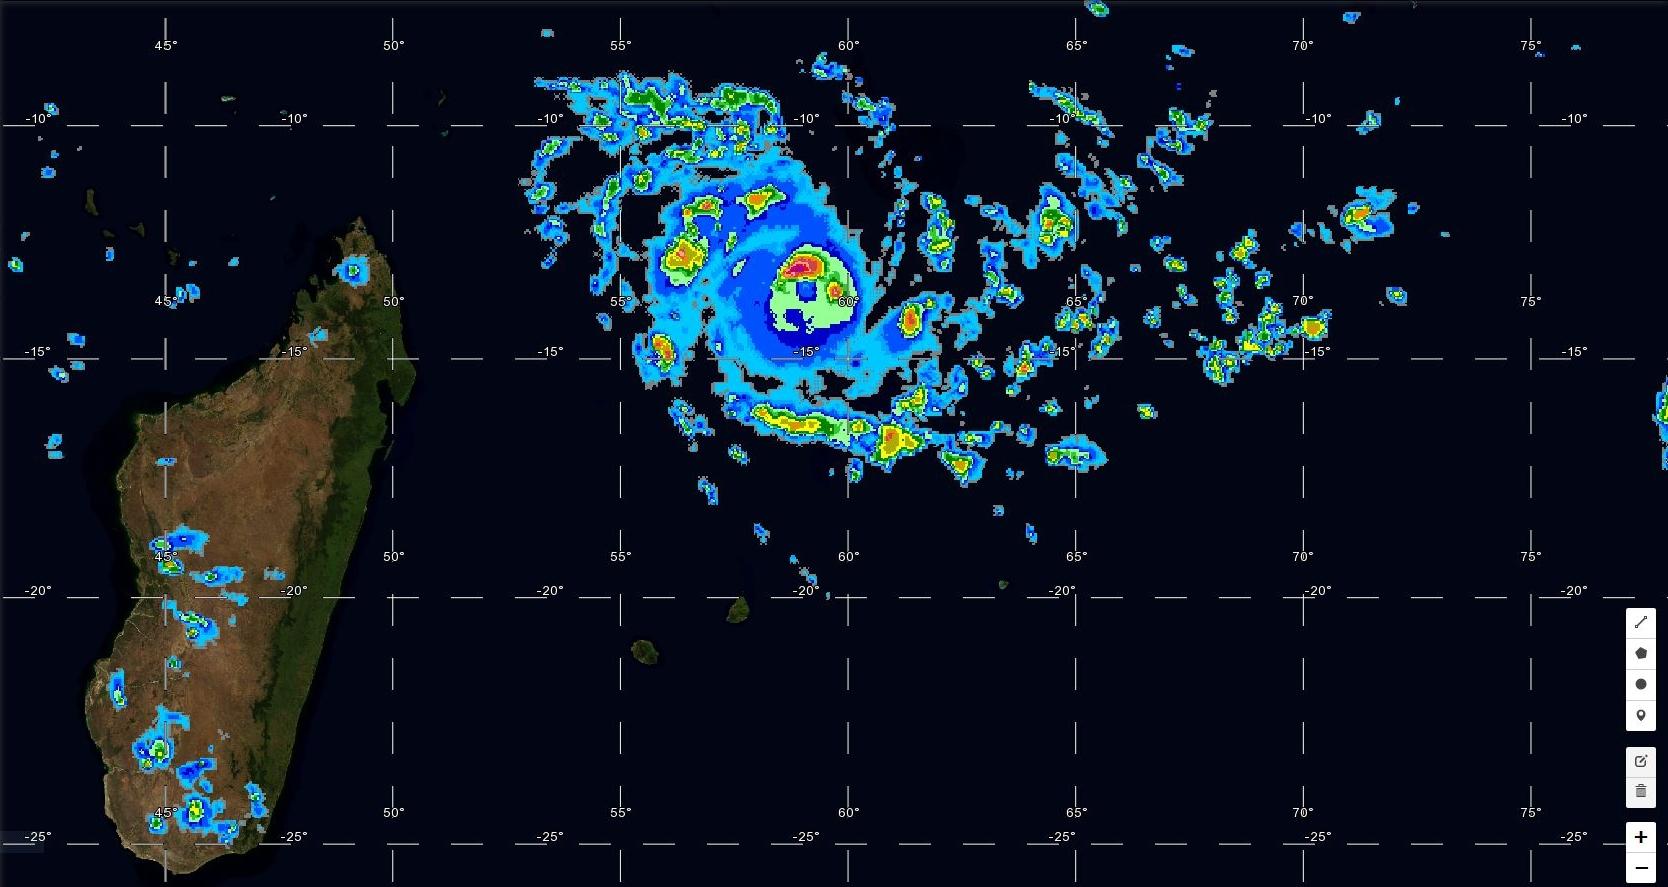 Cliquez sur l'image. Le cyclone n'est plus qu'à quelques heures de l'intensité de cyclone intense. Photo satellite à 19h.